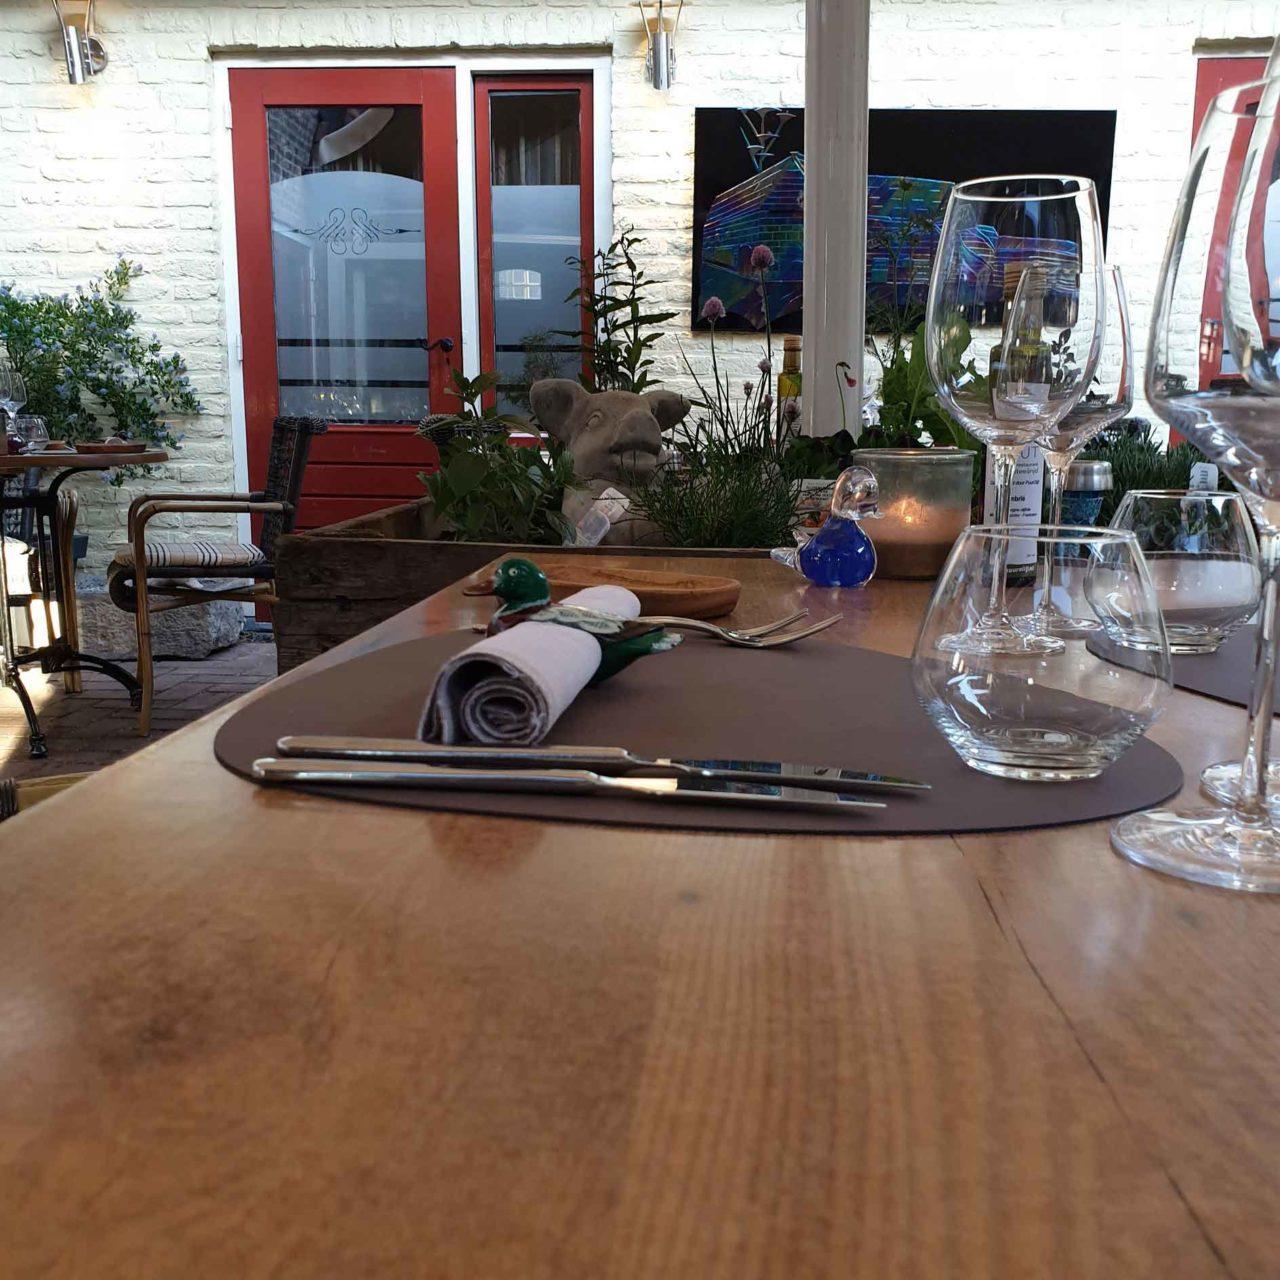 Aan Sjuuteeänjd ristorante sostenibile Olanda tavolo